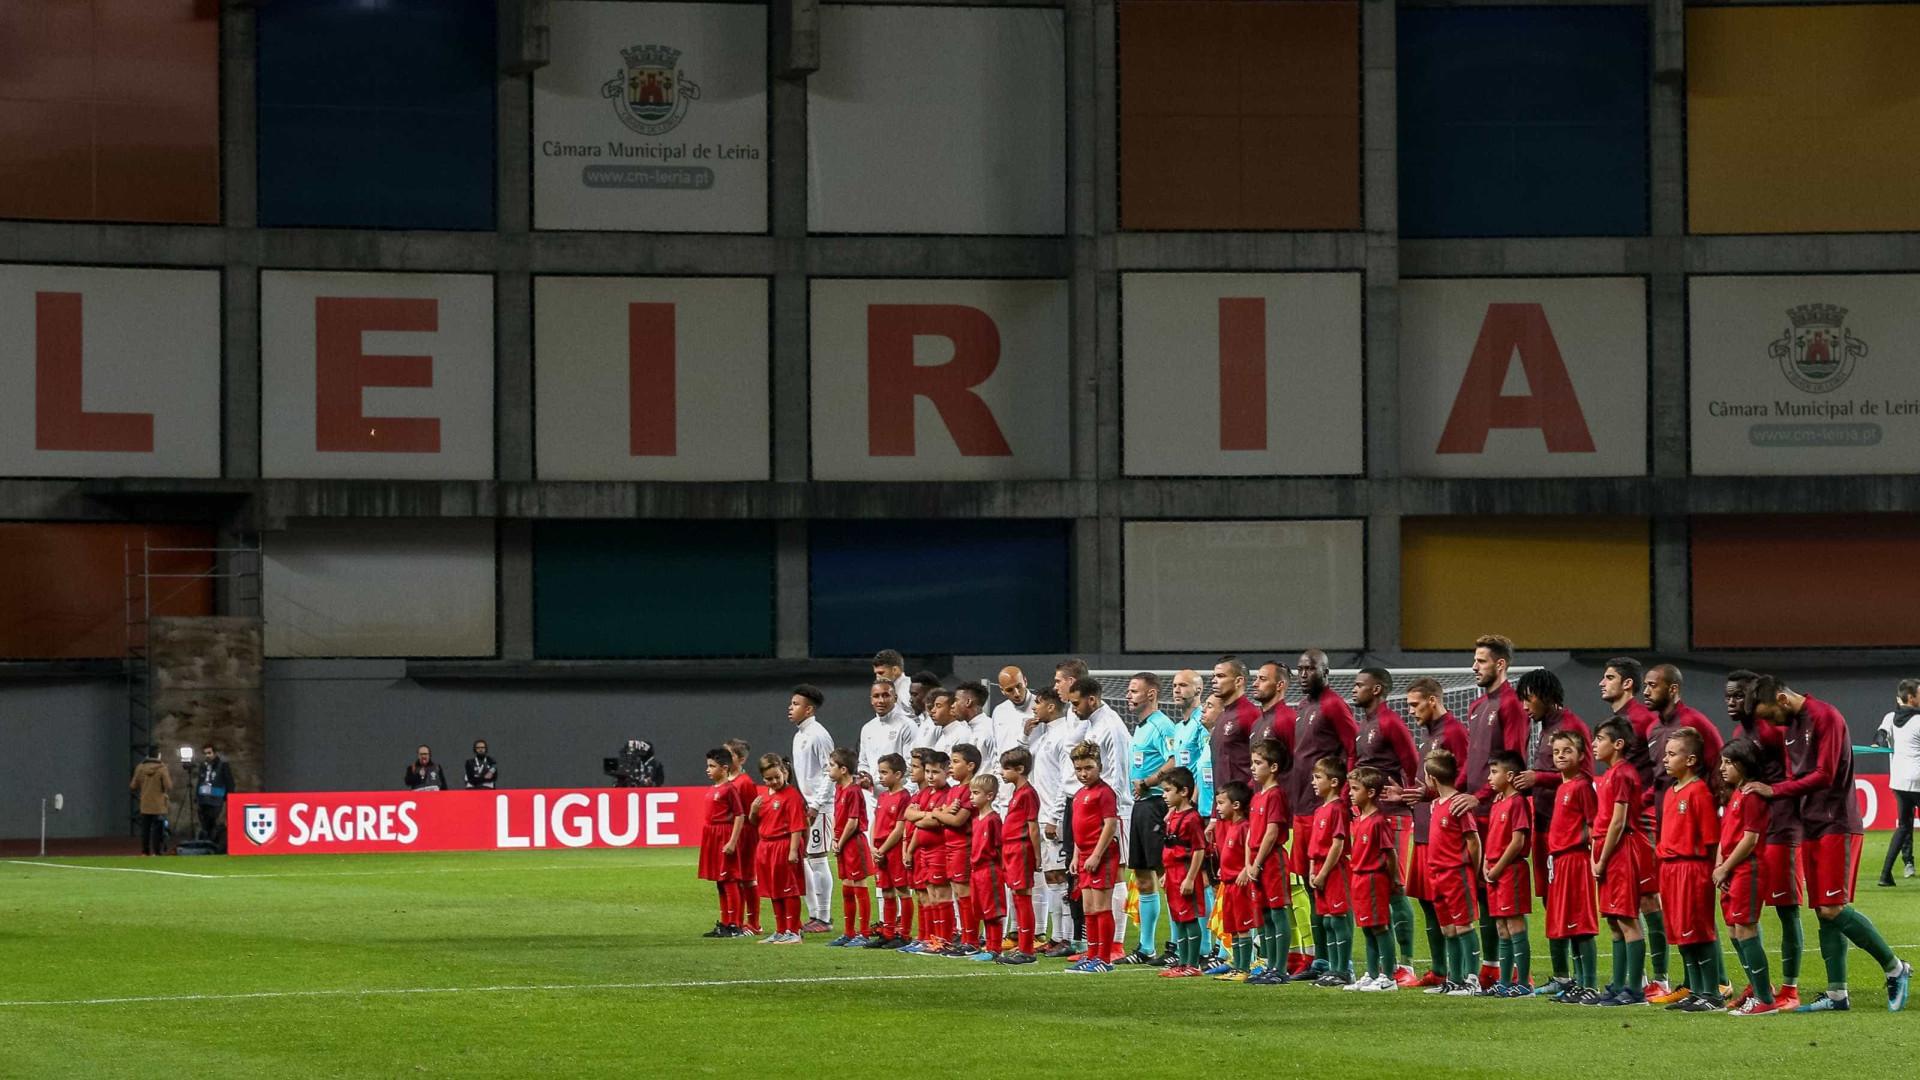 Campanha 'Jogos Solidários' já angariou 370 mil euros